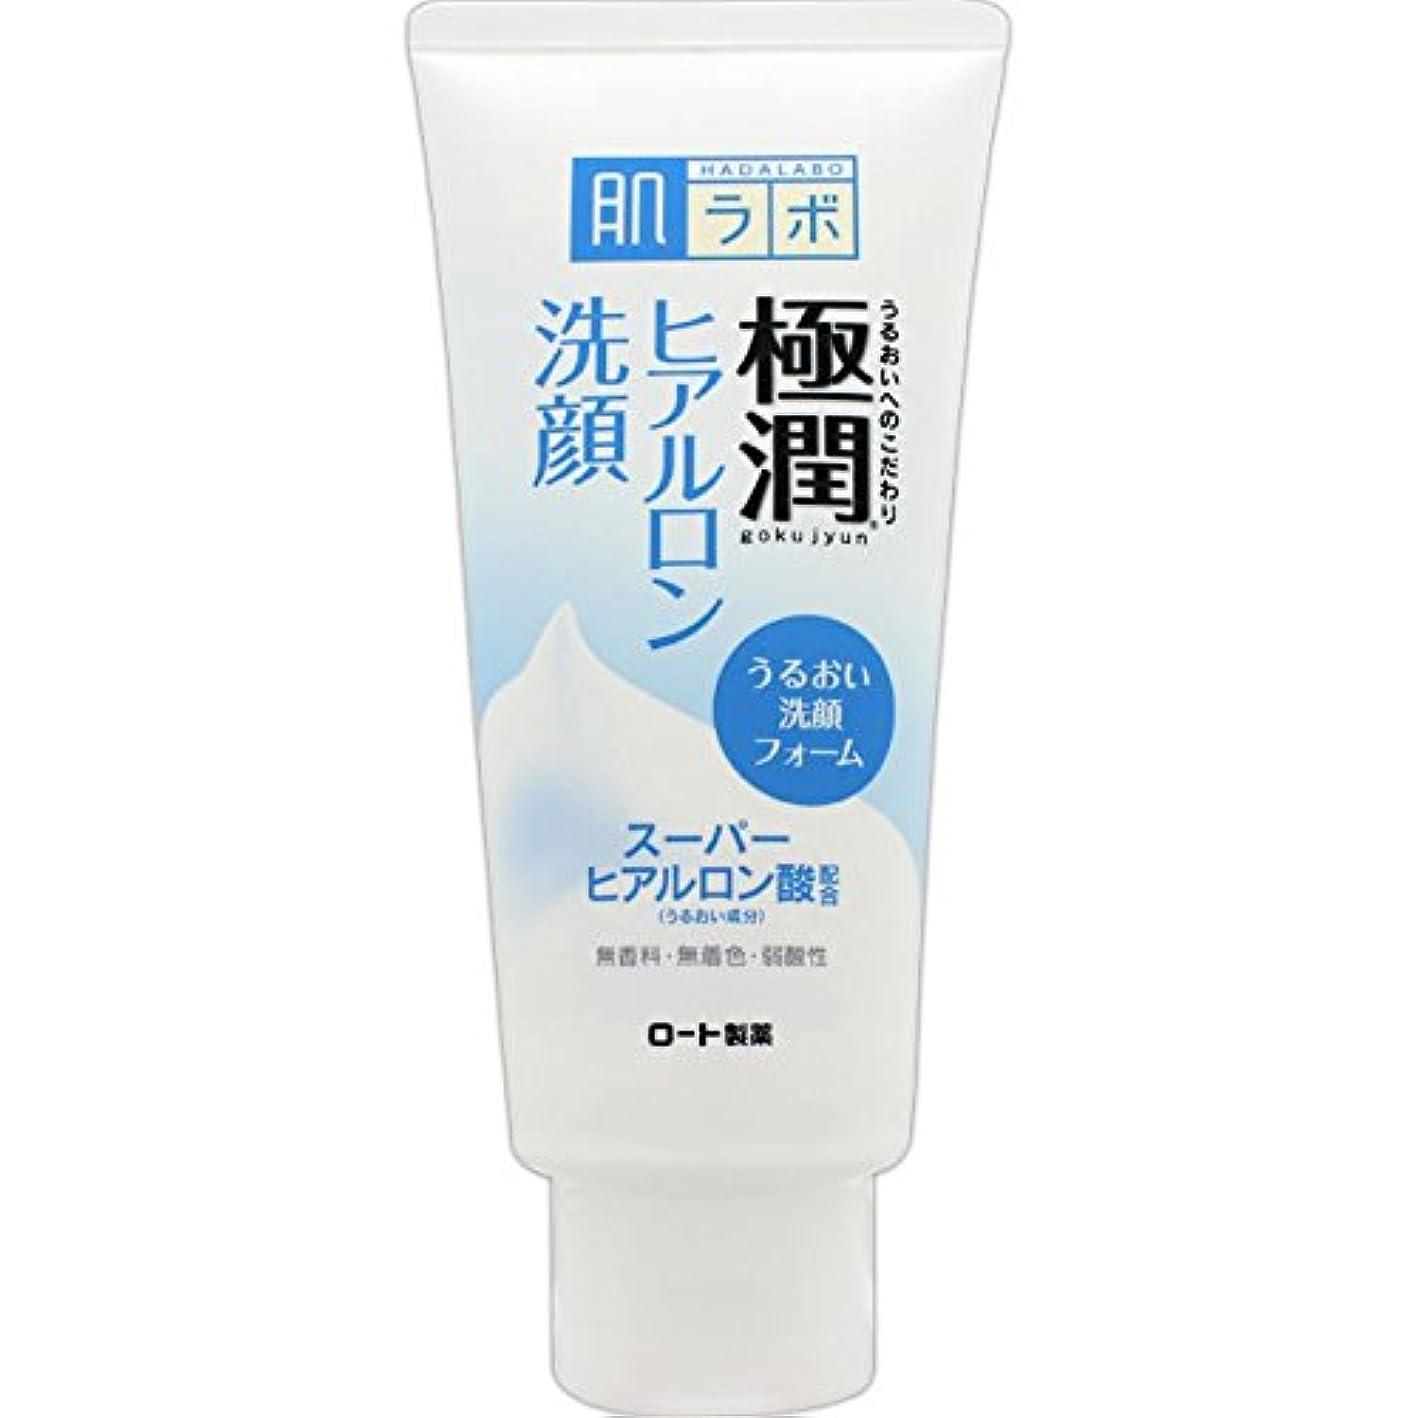 ペンダント調子毒肌ラボ 極潤 ヒアルロン洗顔フォーム スーパーヒアルロン酸&吸着型ヒアルロン酸をW配合 100g